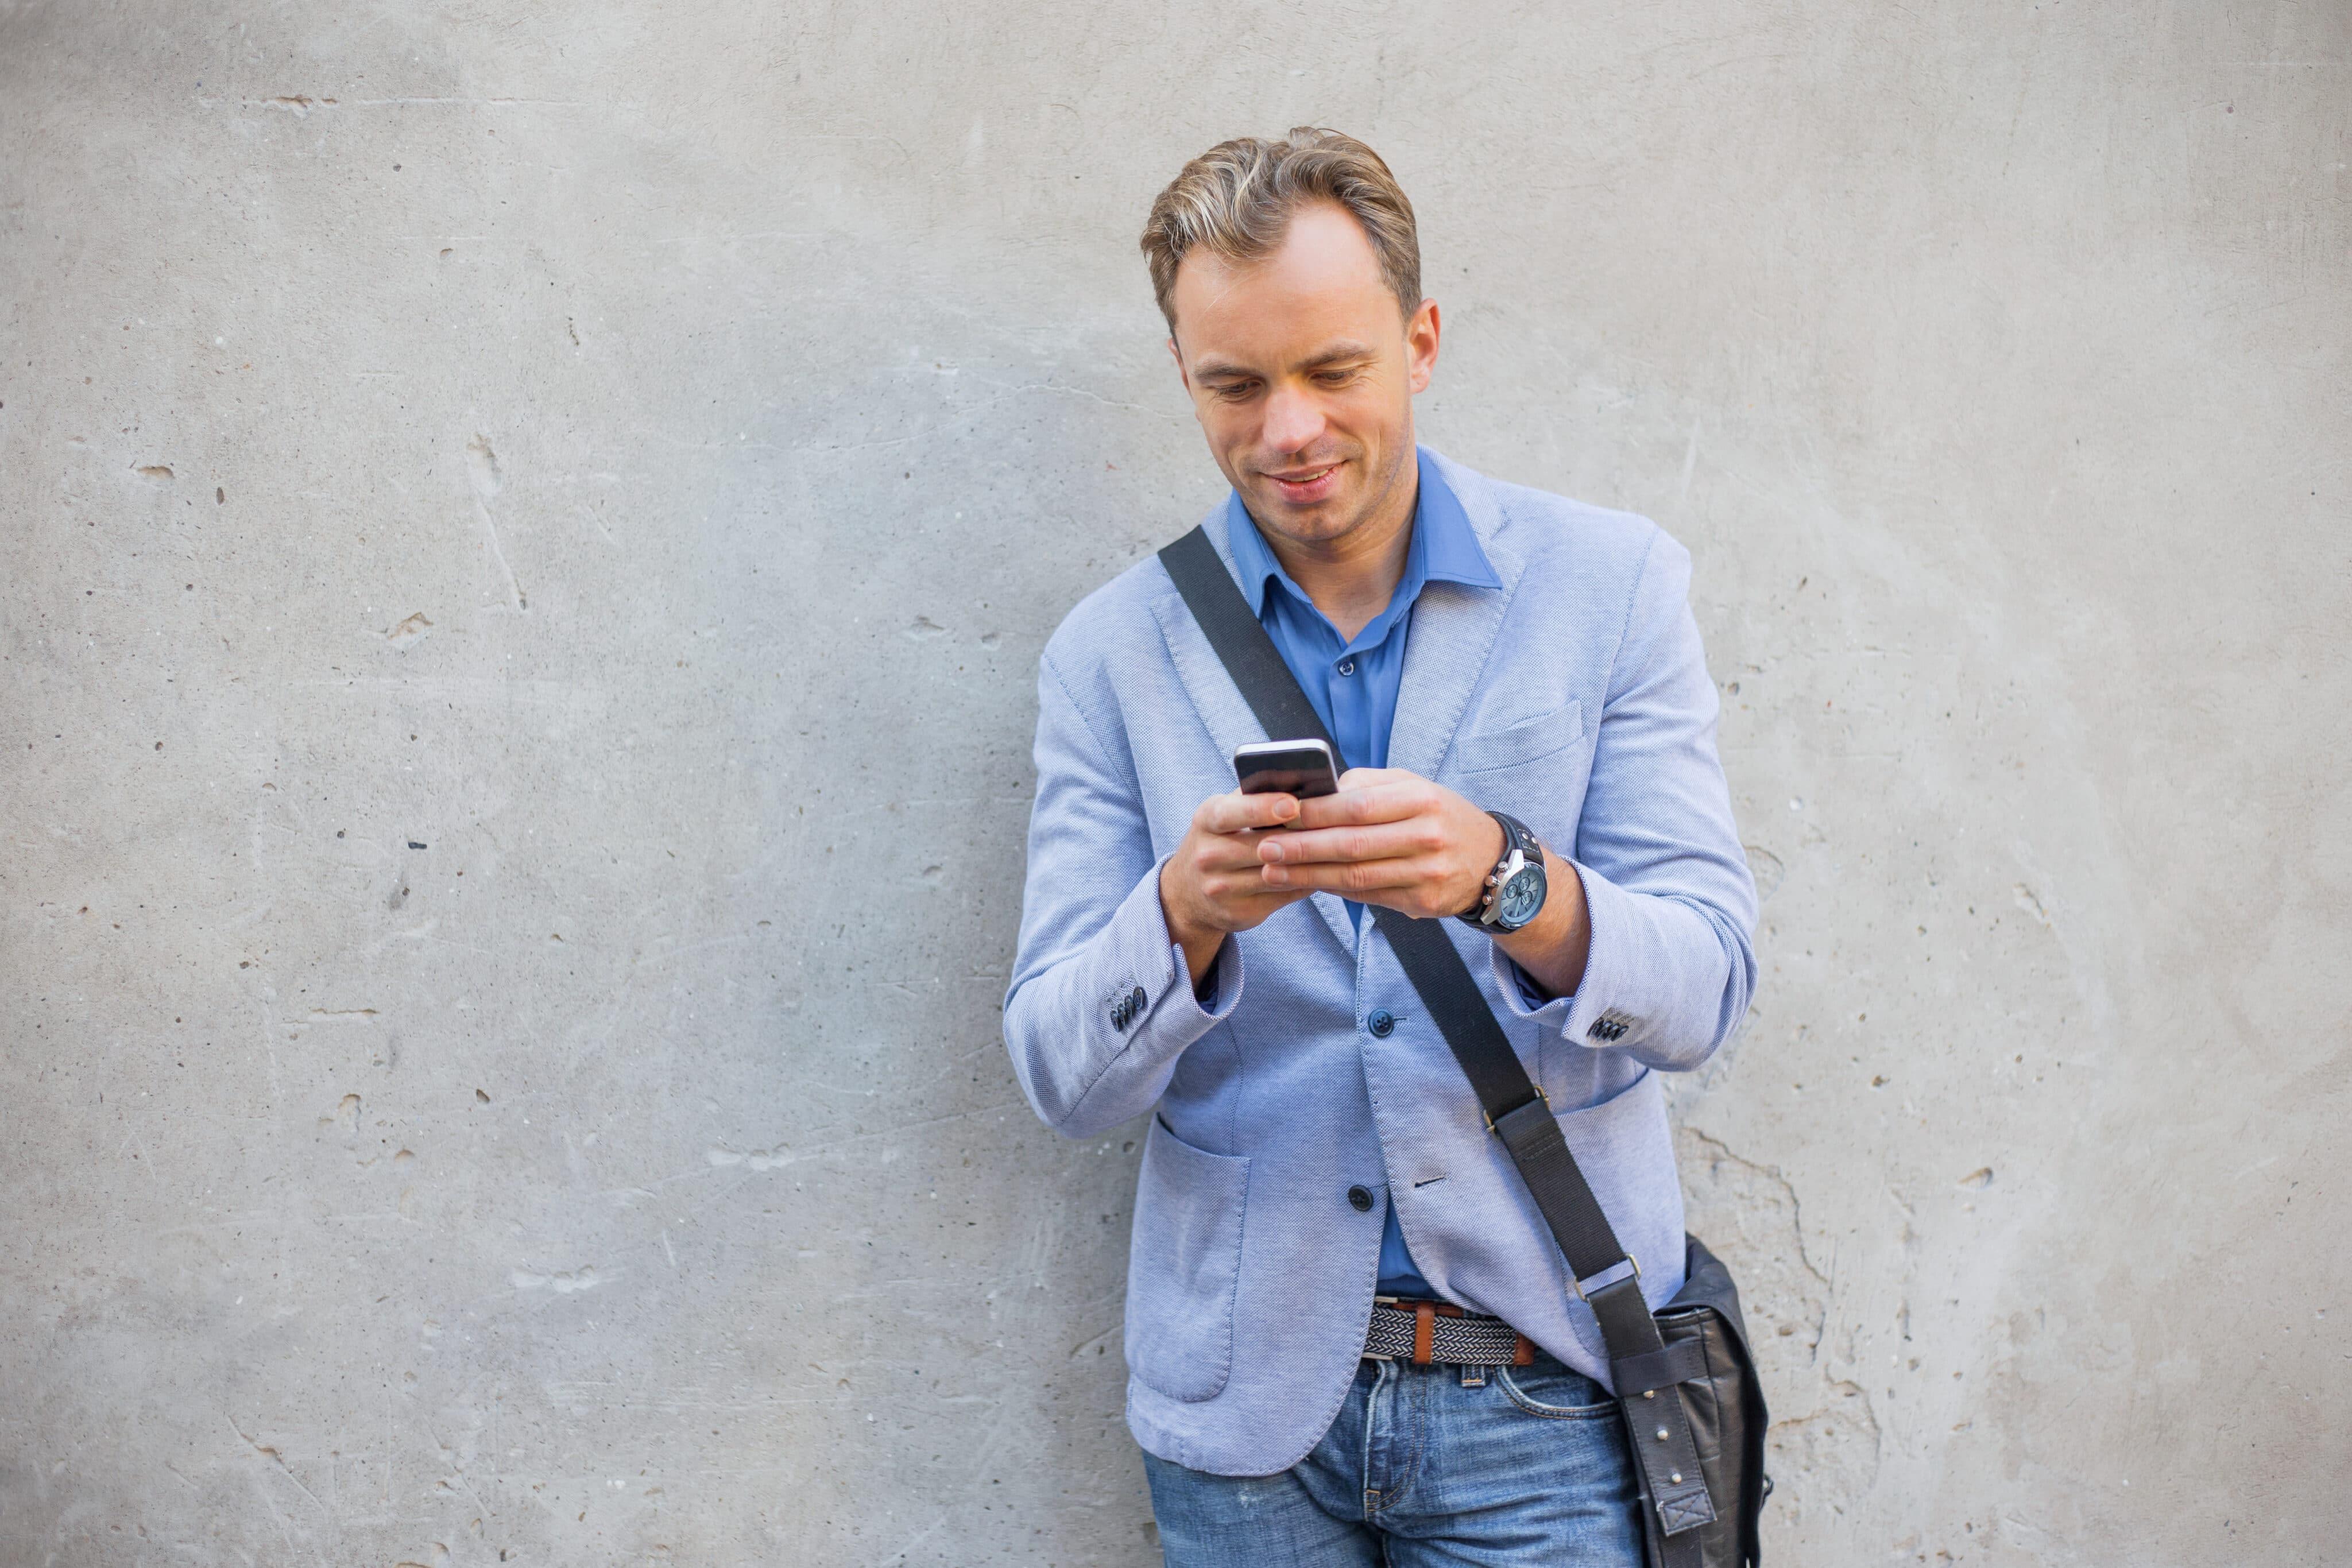 Homem em frente a parede usando iPhone